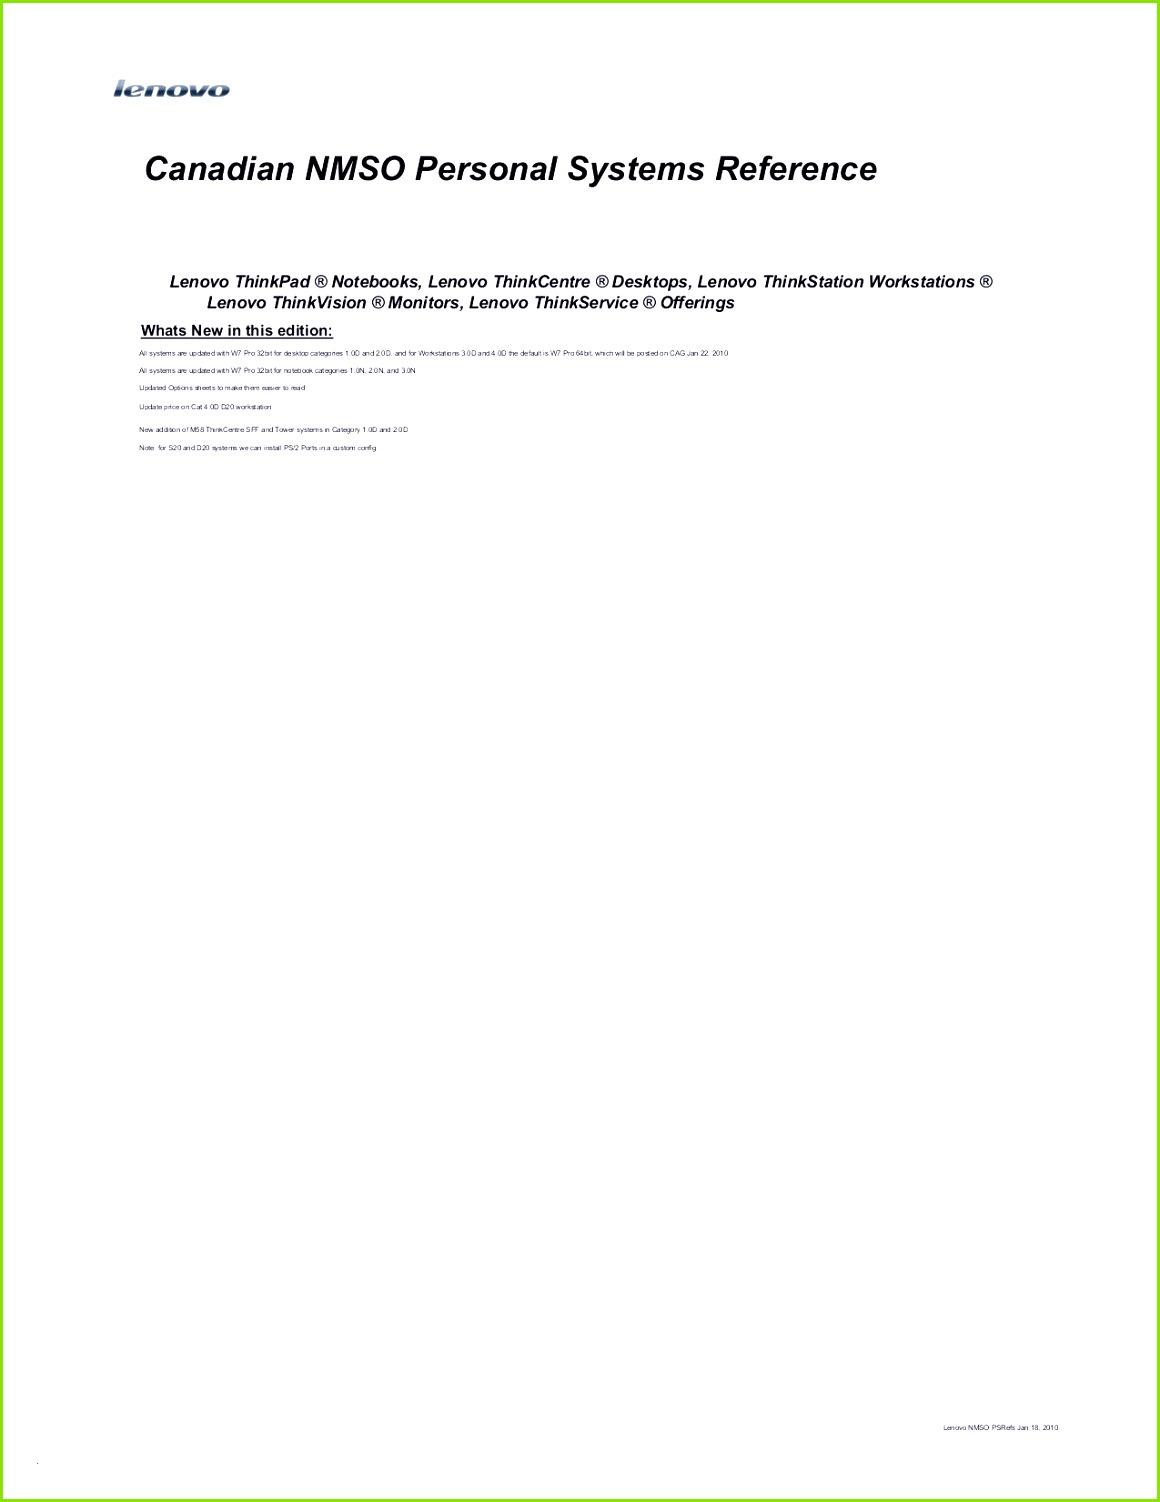 Praktikumsmappe Vorlage Inspirierend Praktikumsbericht Vorlage Schule 10 Klasse Luxus 42 Das Konzept Von Galerie